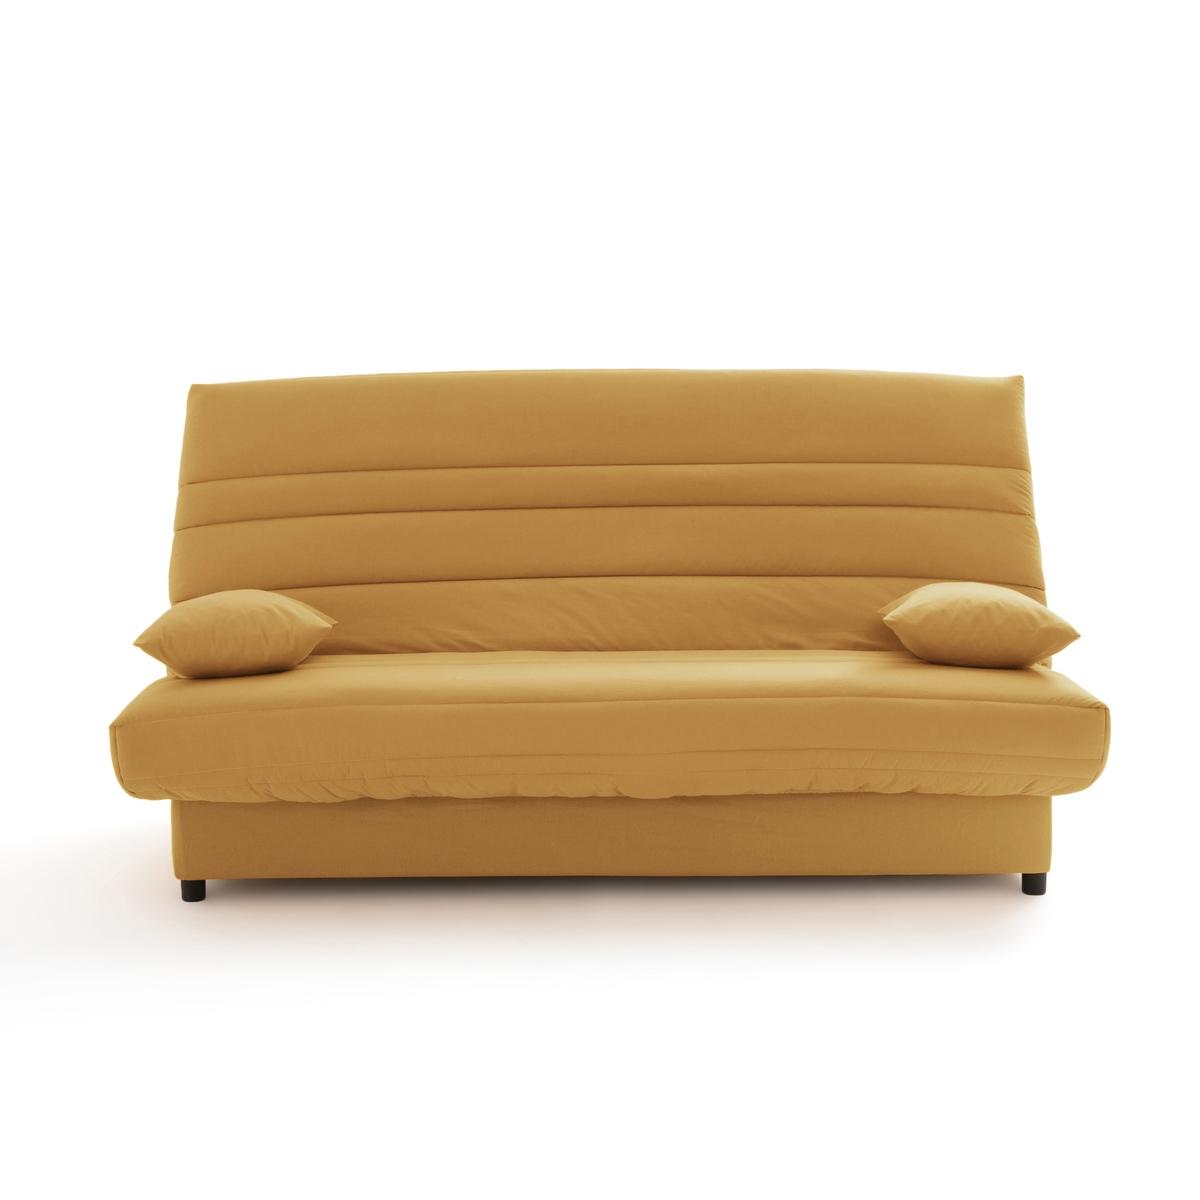 цена Чехол La Redoute Натяжной для дивана-книжки и складной тумбы усовершенствованная модель 130 x 190 см желтый онлайн в 2017 году